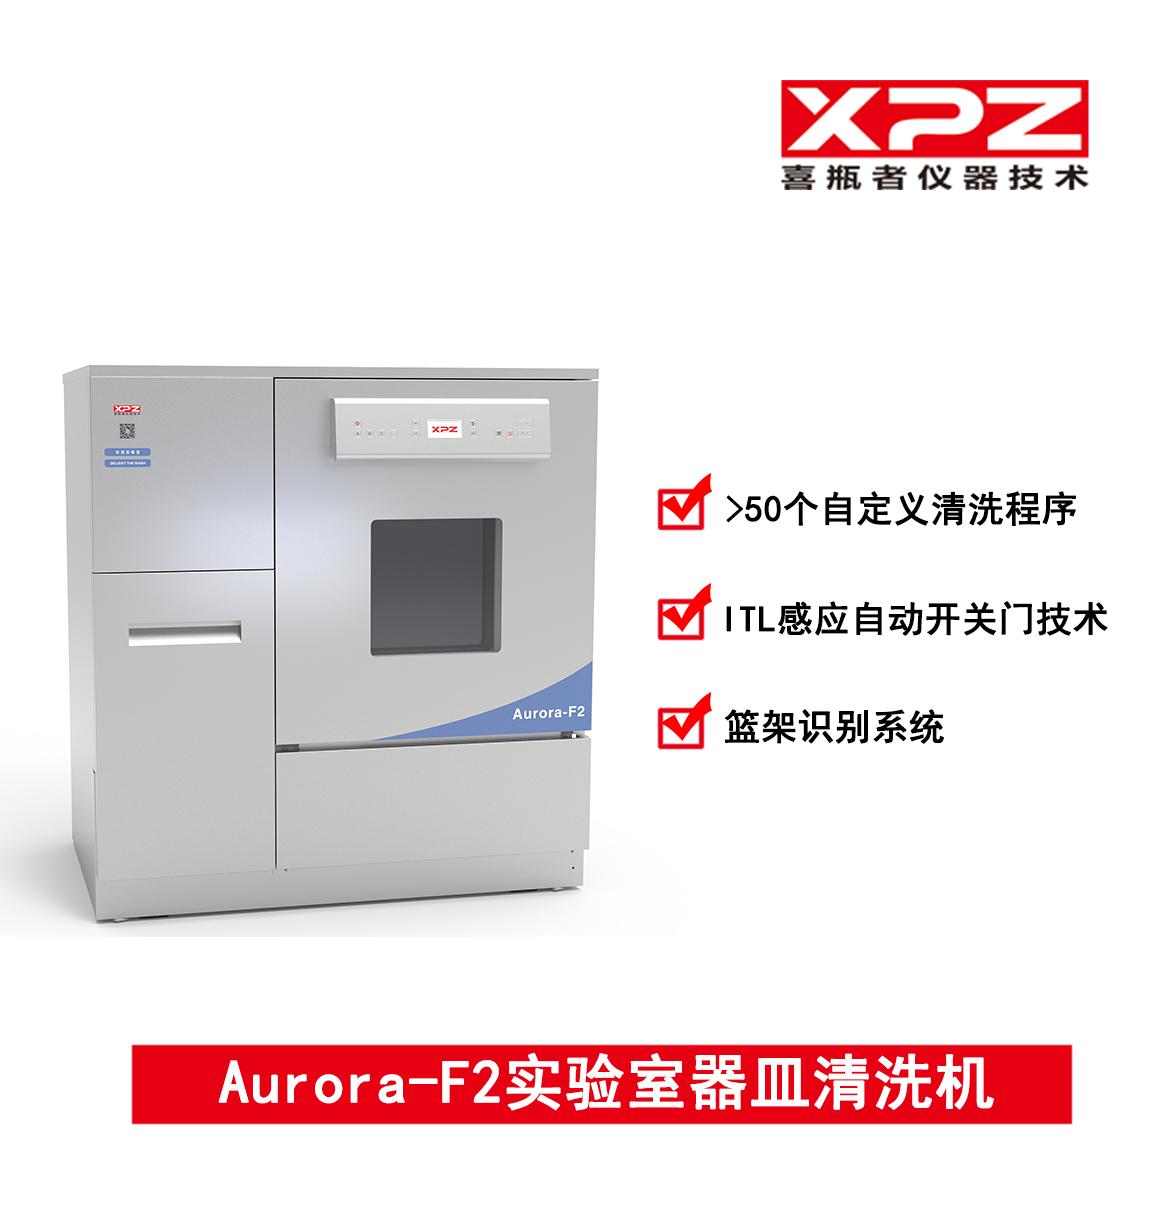 Aurora-F2实验室器皿清洗机